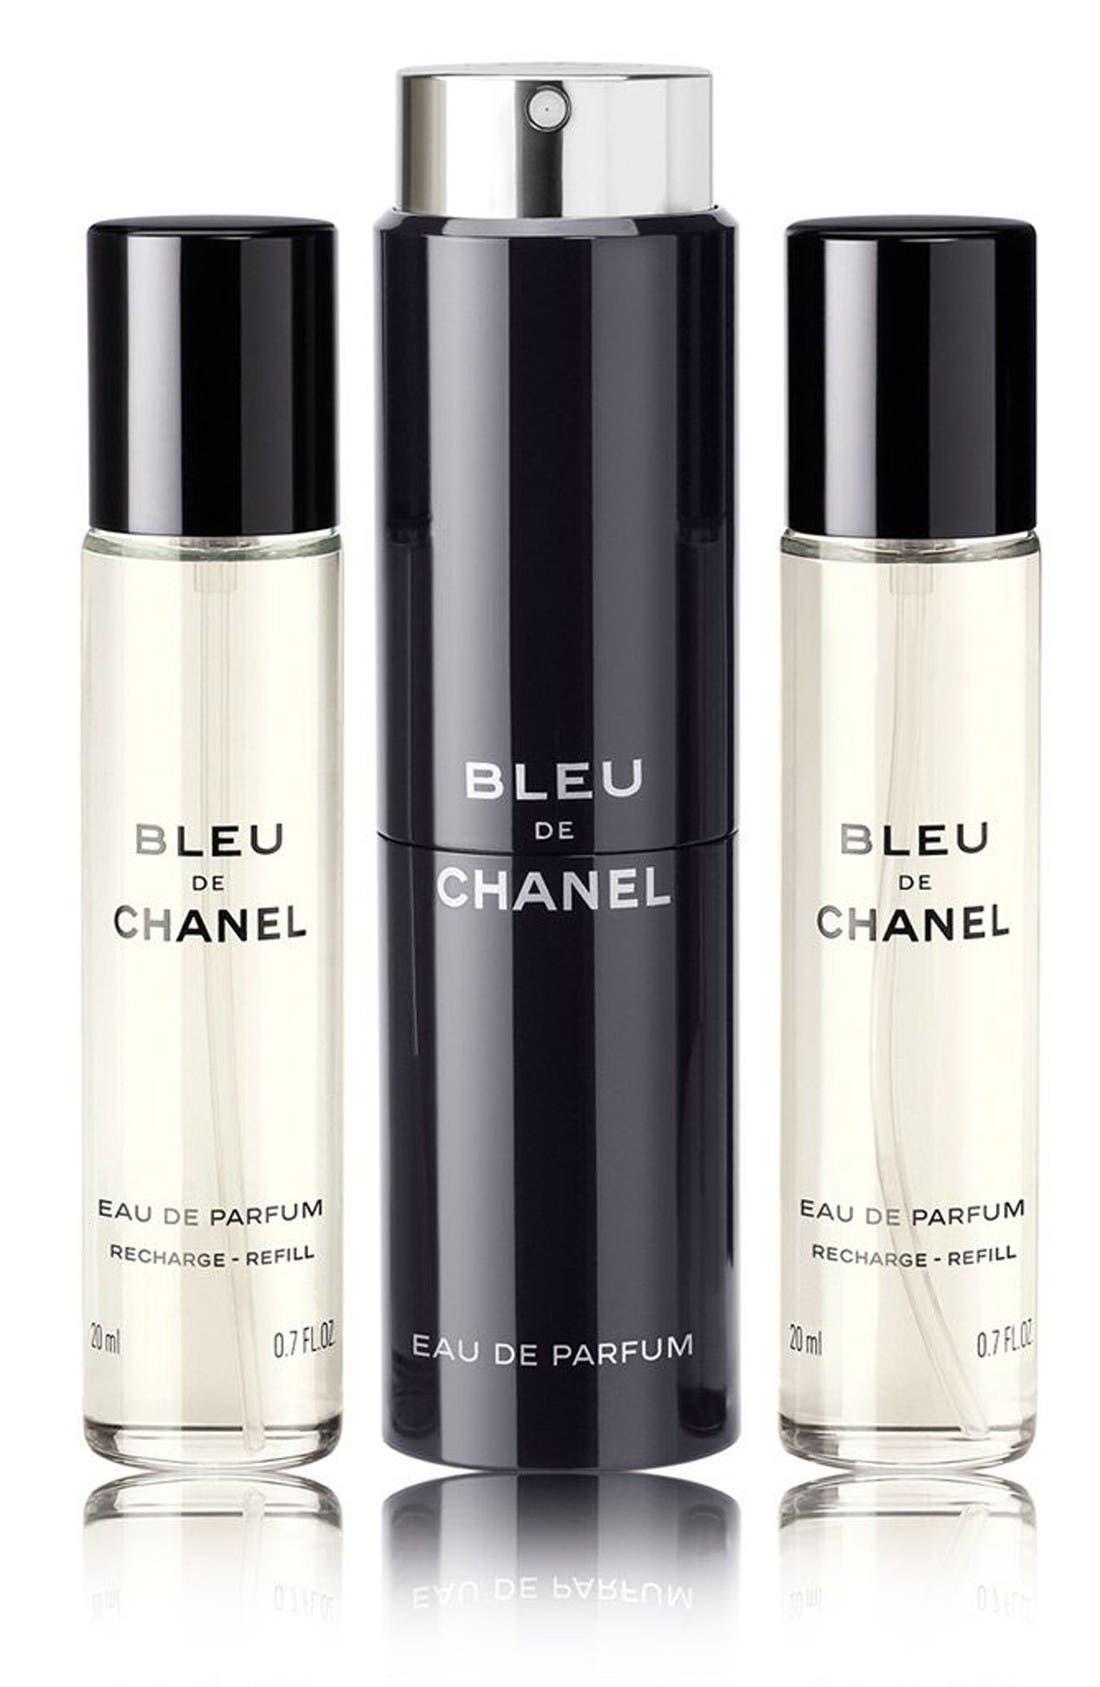 Main Image - CHANEL BLEU DE CHANEL EAU DE PARFUM POUR HOMME  Refillable Travel Spray Set